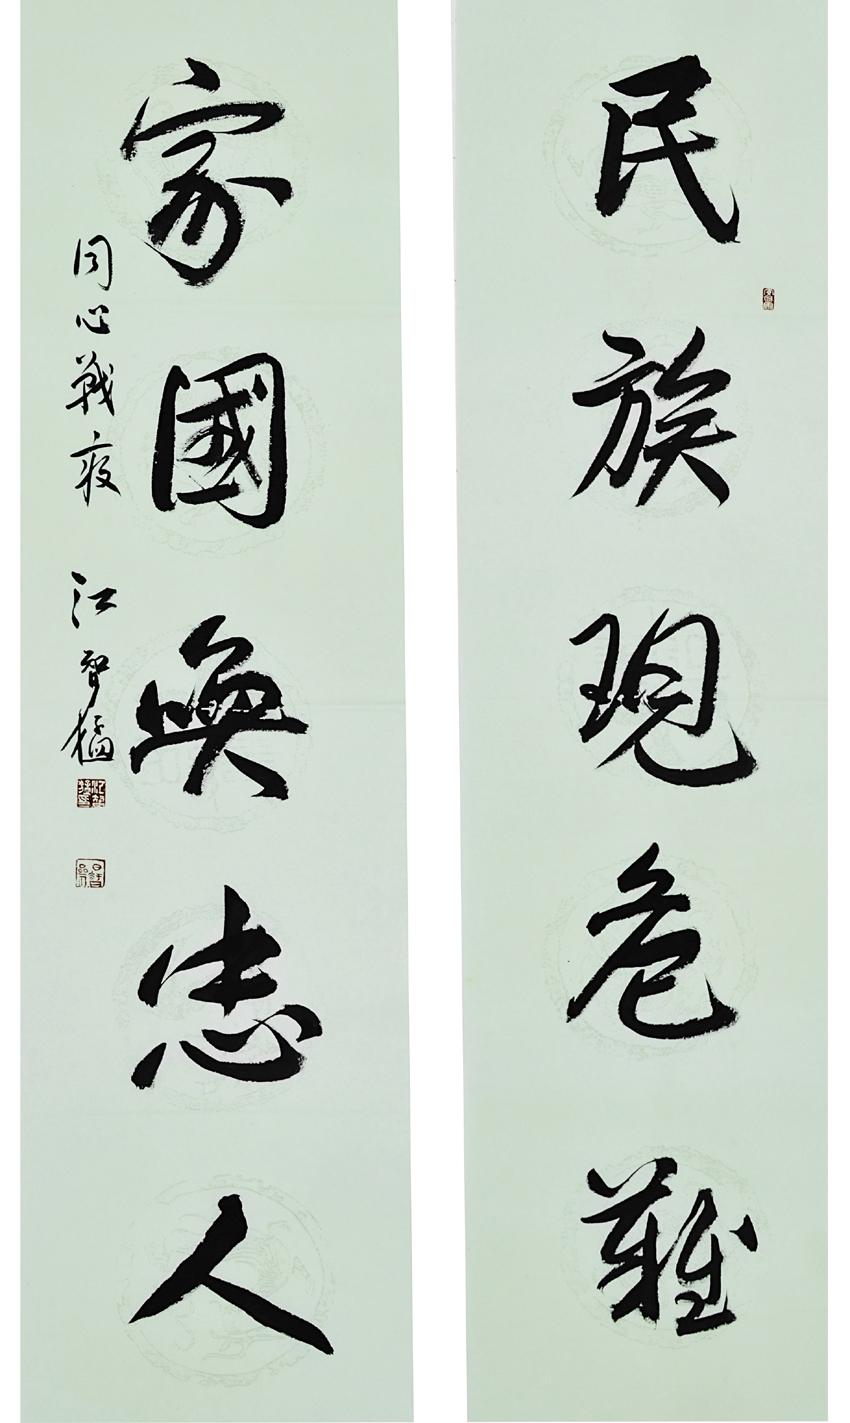 翰墨丹青抗疫情一一江智猛书法作品